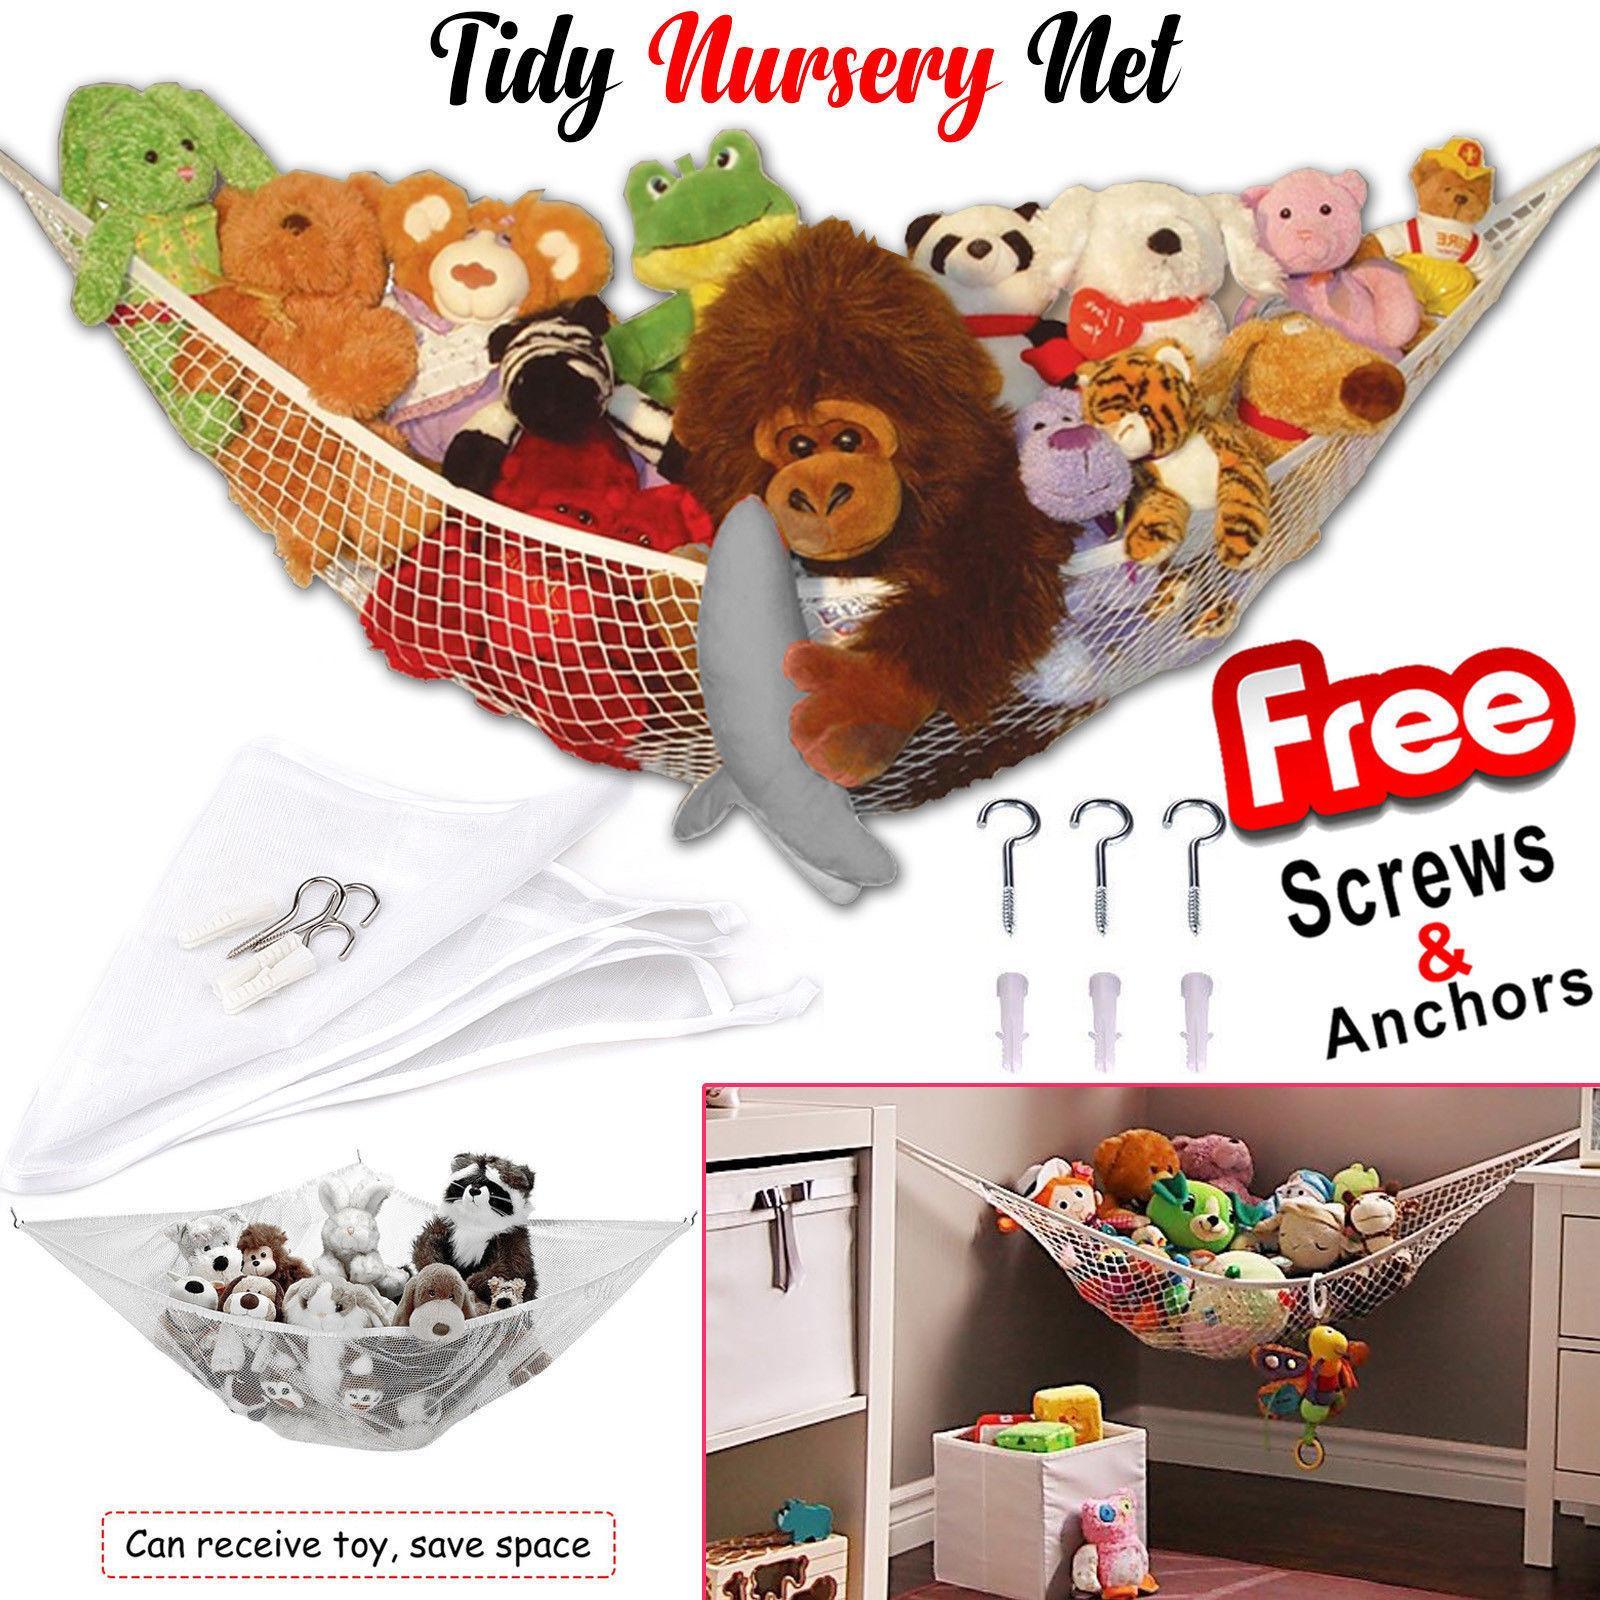 Büyük Yumuşak Oyuncak Hamak Örgü Net Teddy Bear Bebek Tutmak Childs Yatak Odası Kreş Çocuklar için Düzenli oyuncak hamak